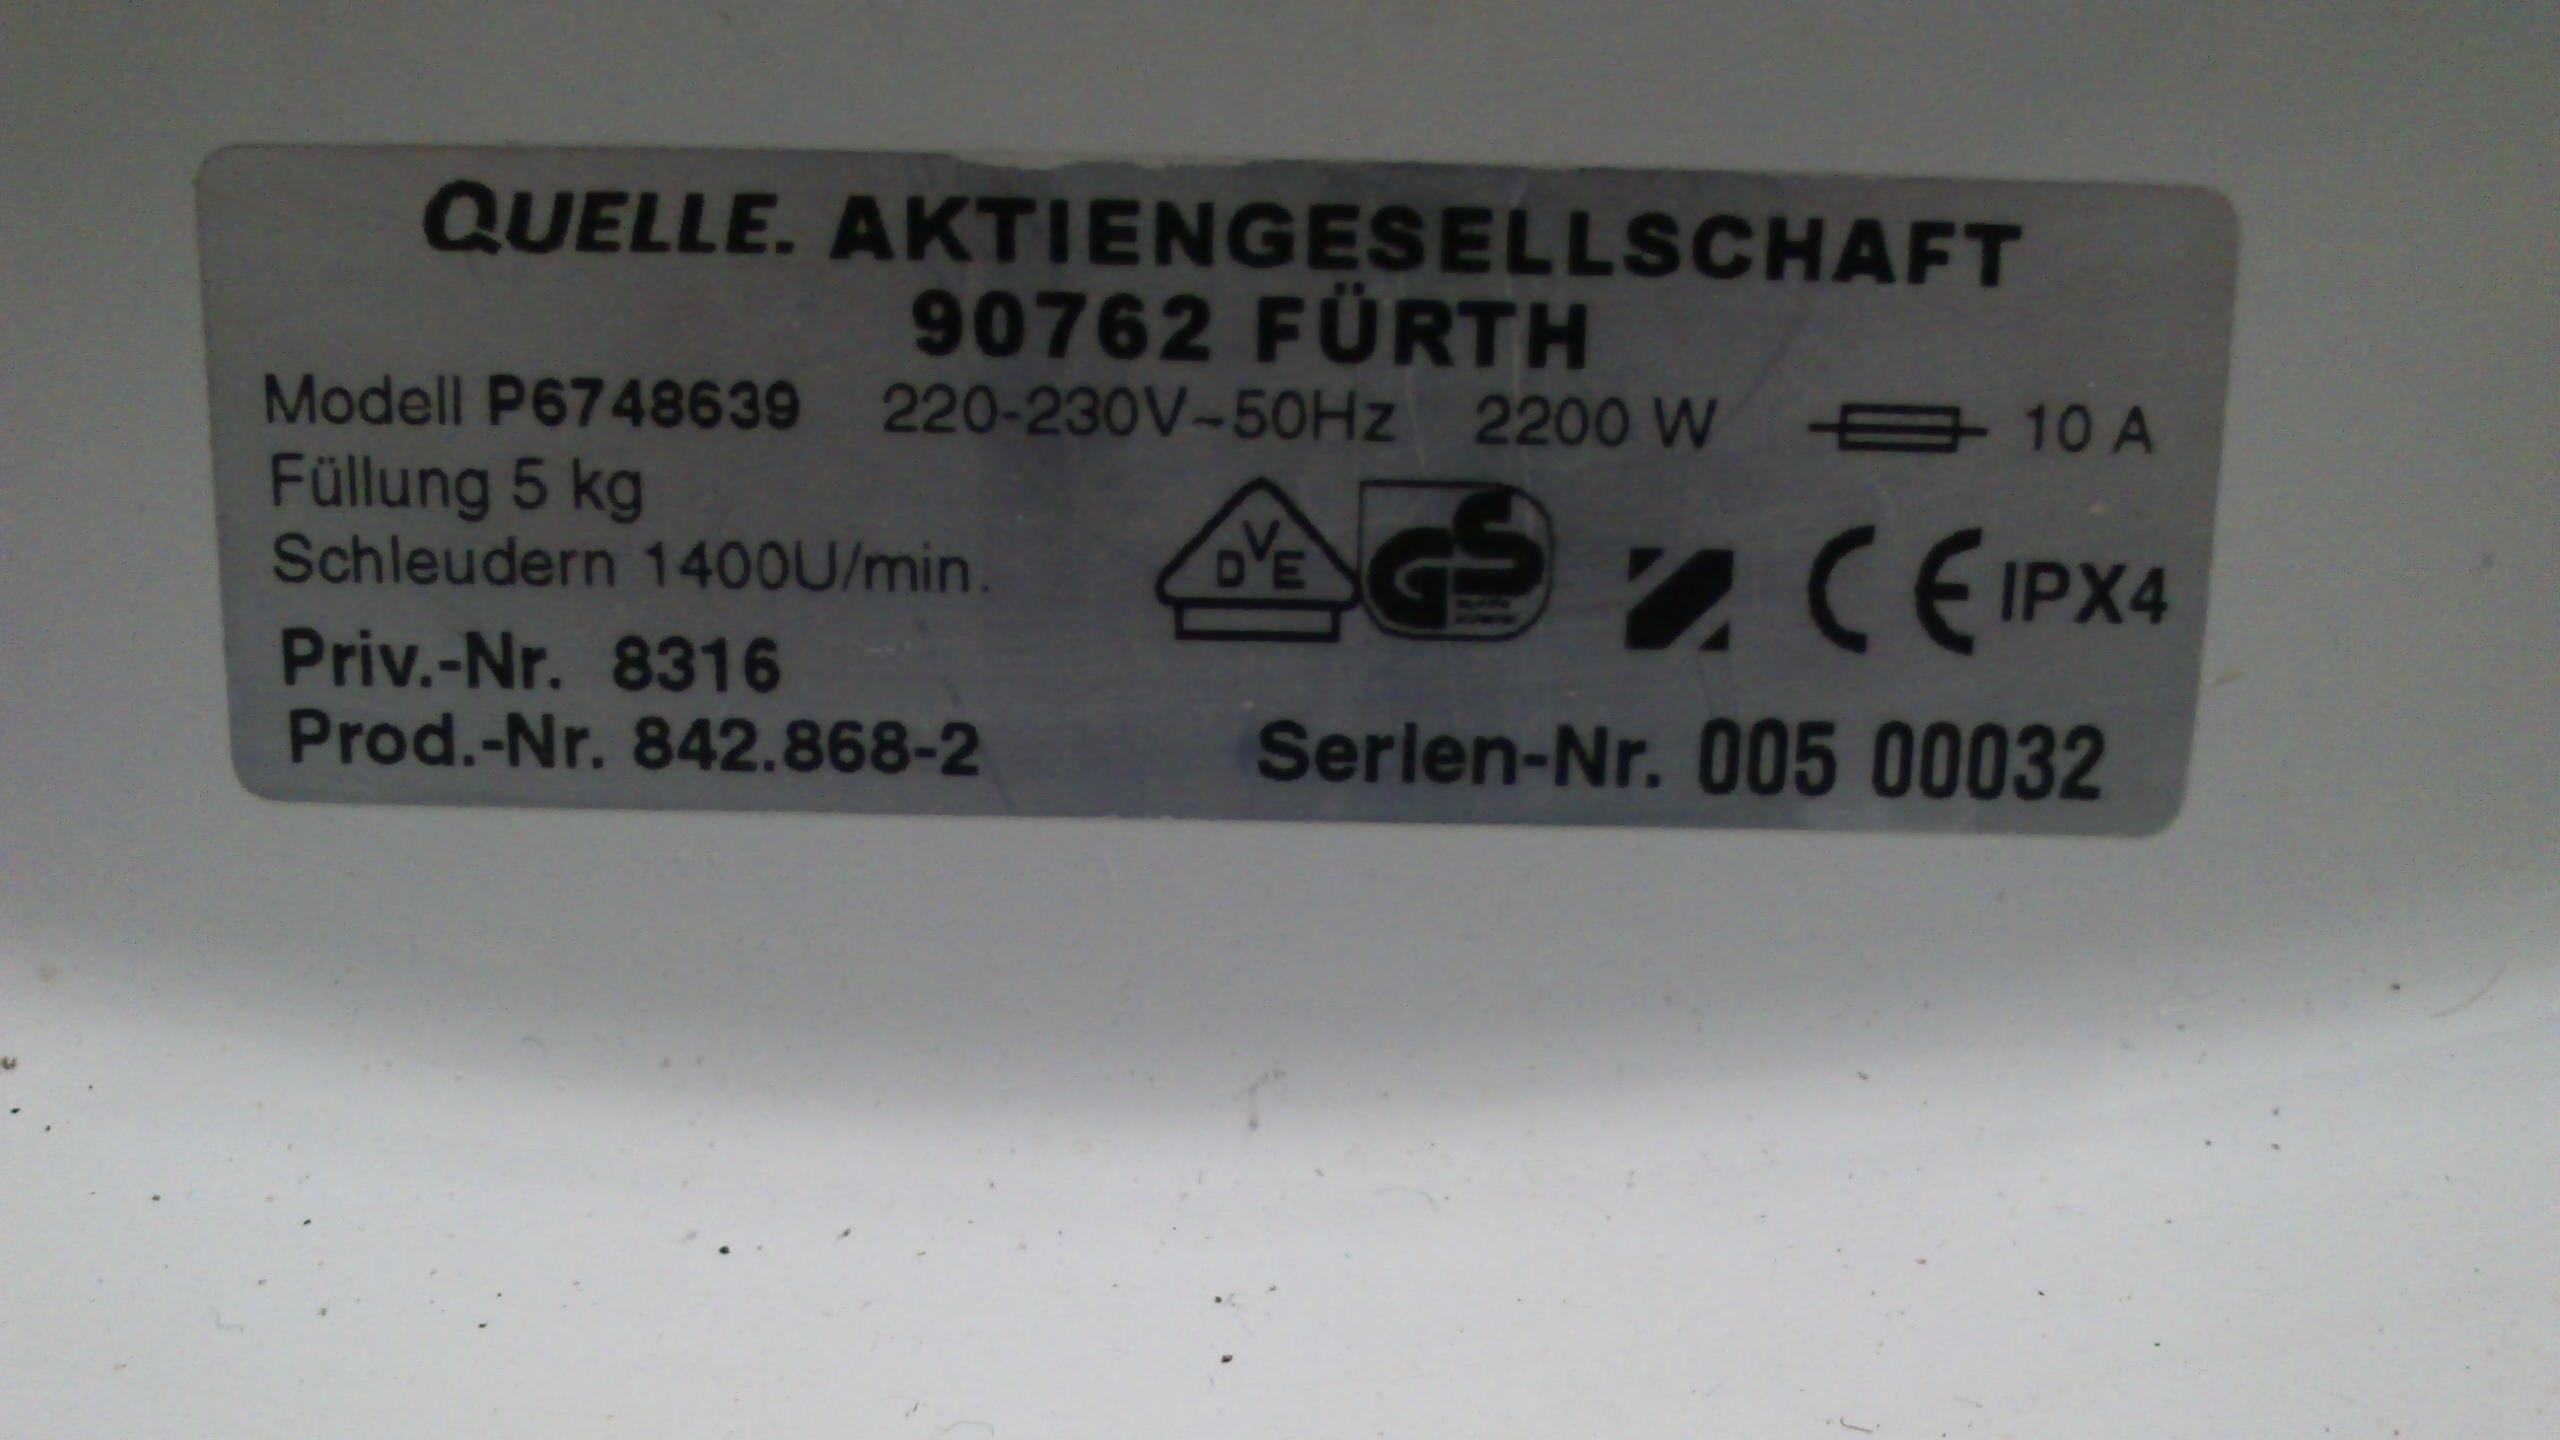 Wypalone elementy (elektronika EWM2000), brak oznacze�.